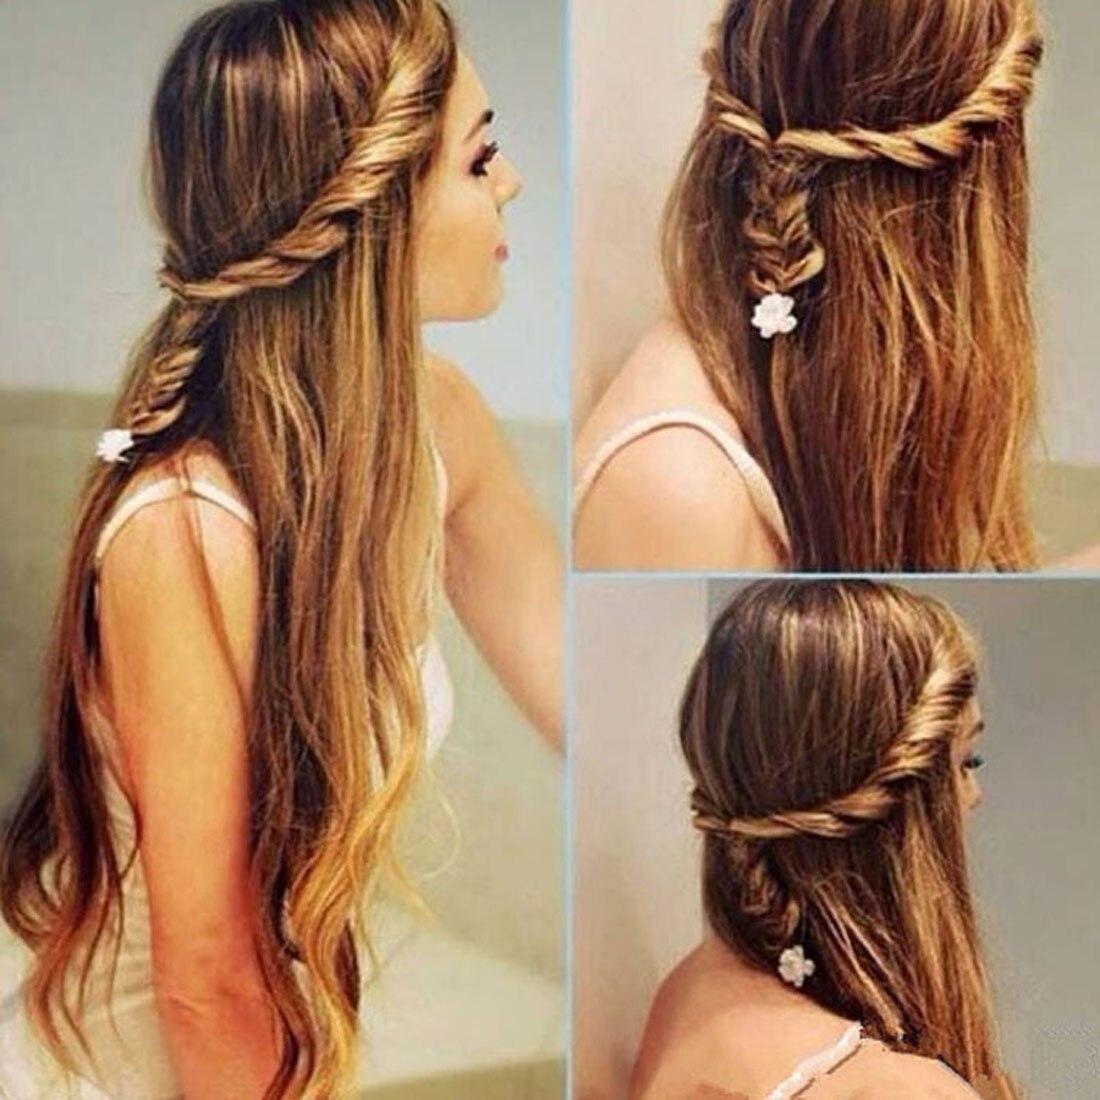 Женская мода цветок Волшебная заколка для волос невесты стилист очередь твист заплетать волосы в косу тесьма DIY Прическа Стайлинг Аксессуары для волос